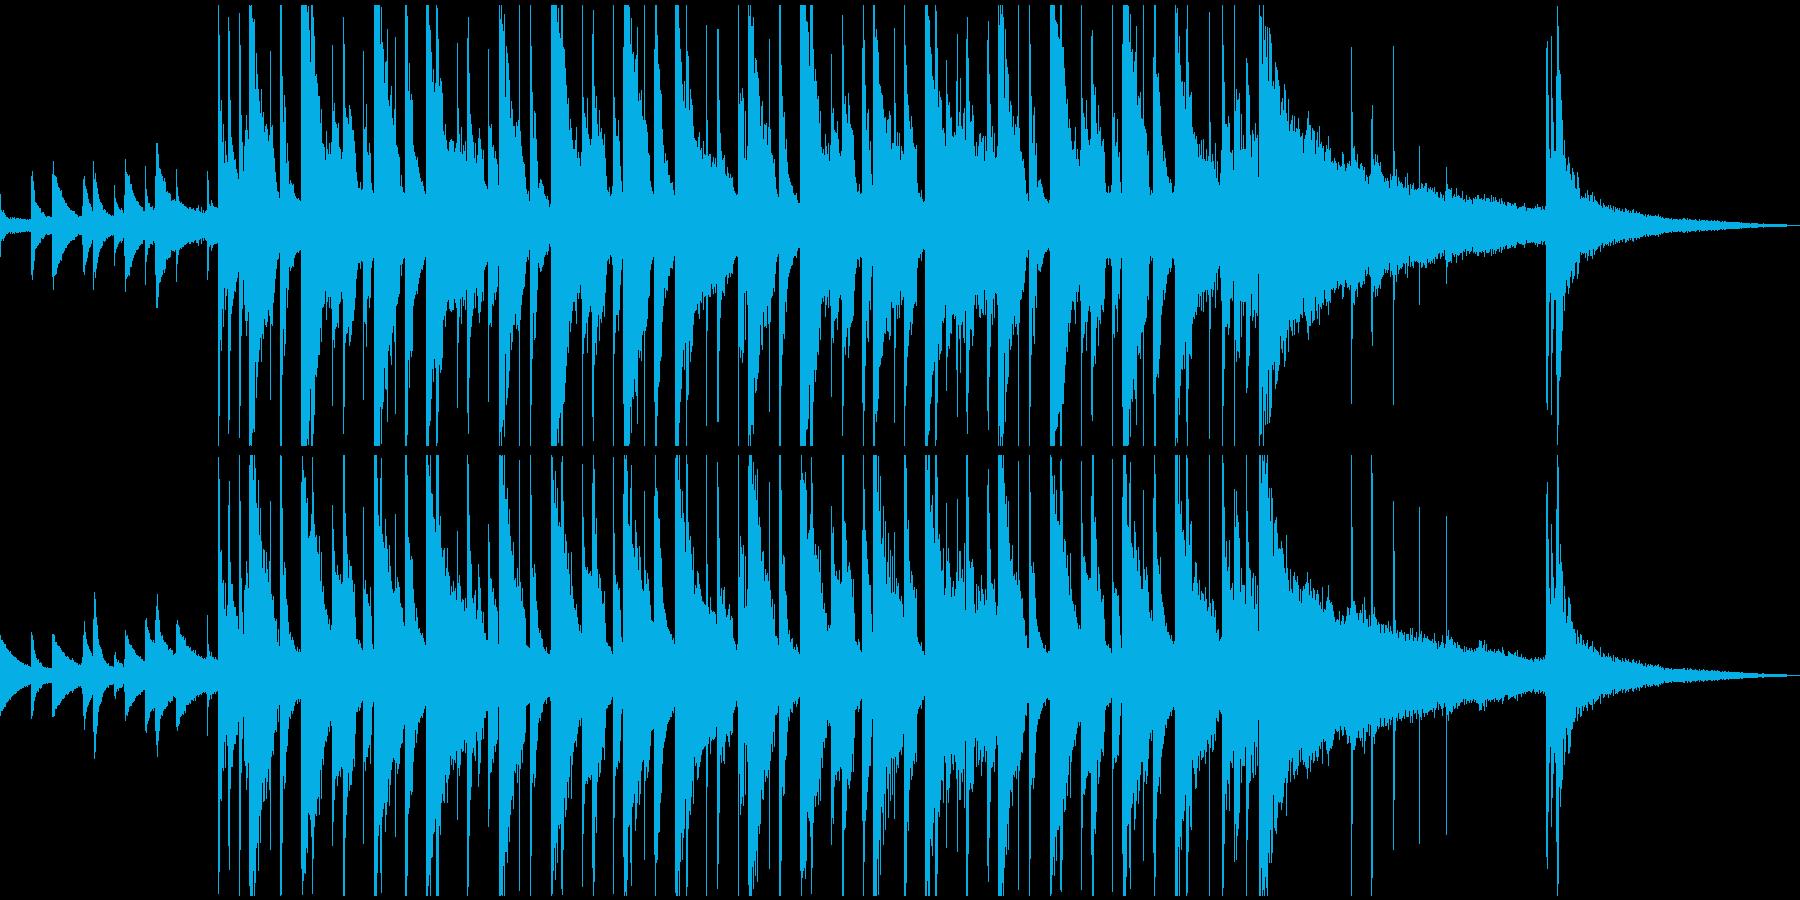 ちょっとハートフルな切ないOPの再生済みの波形